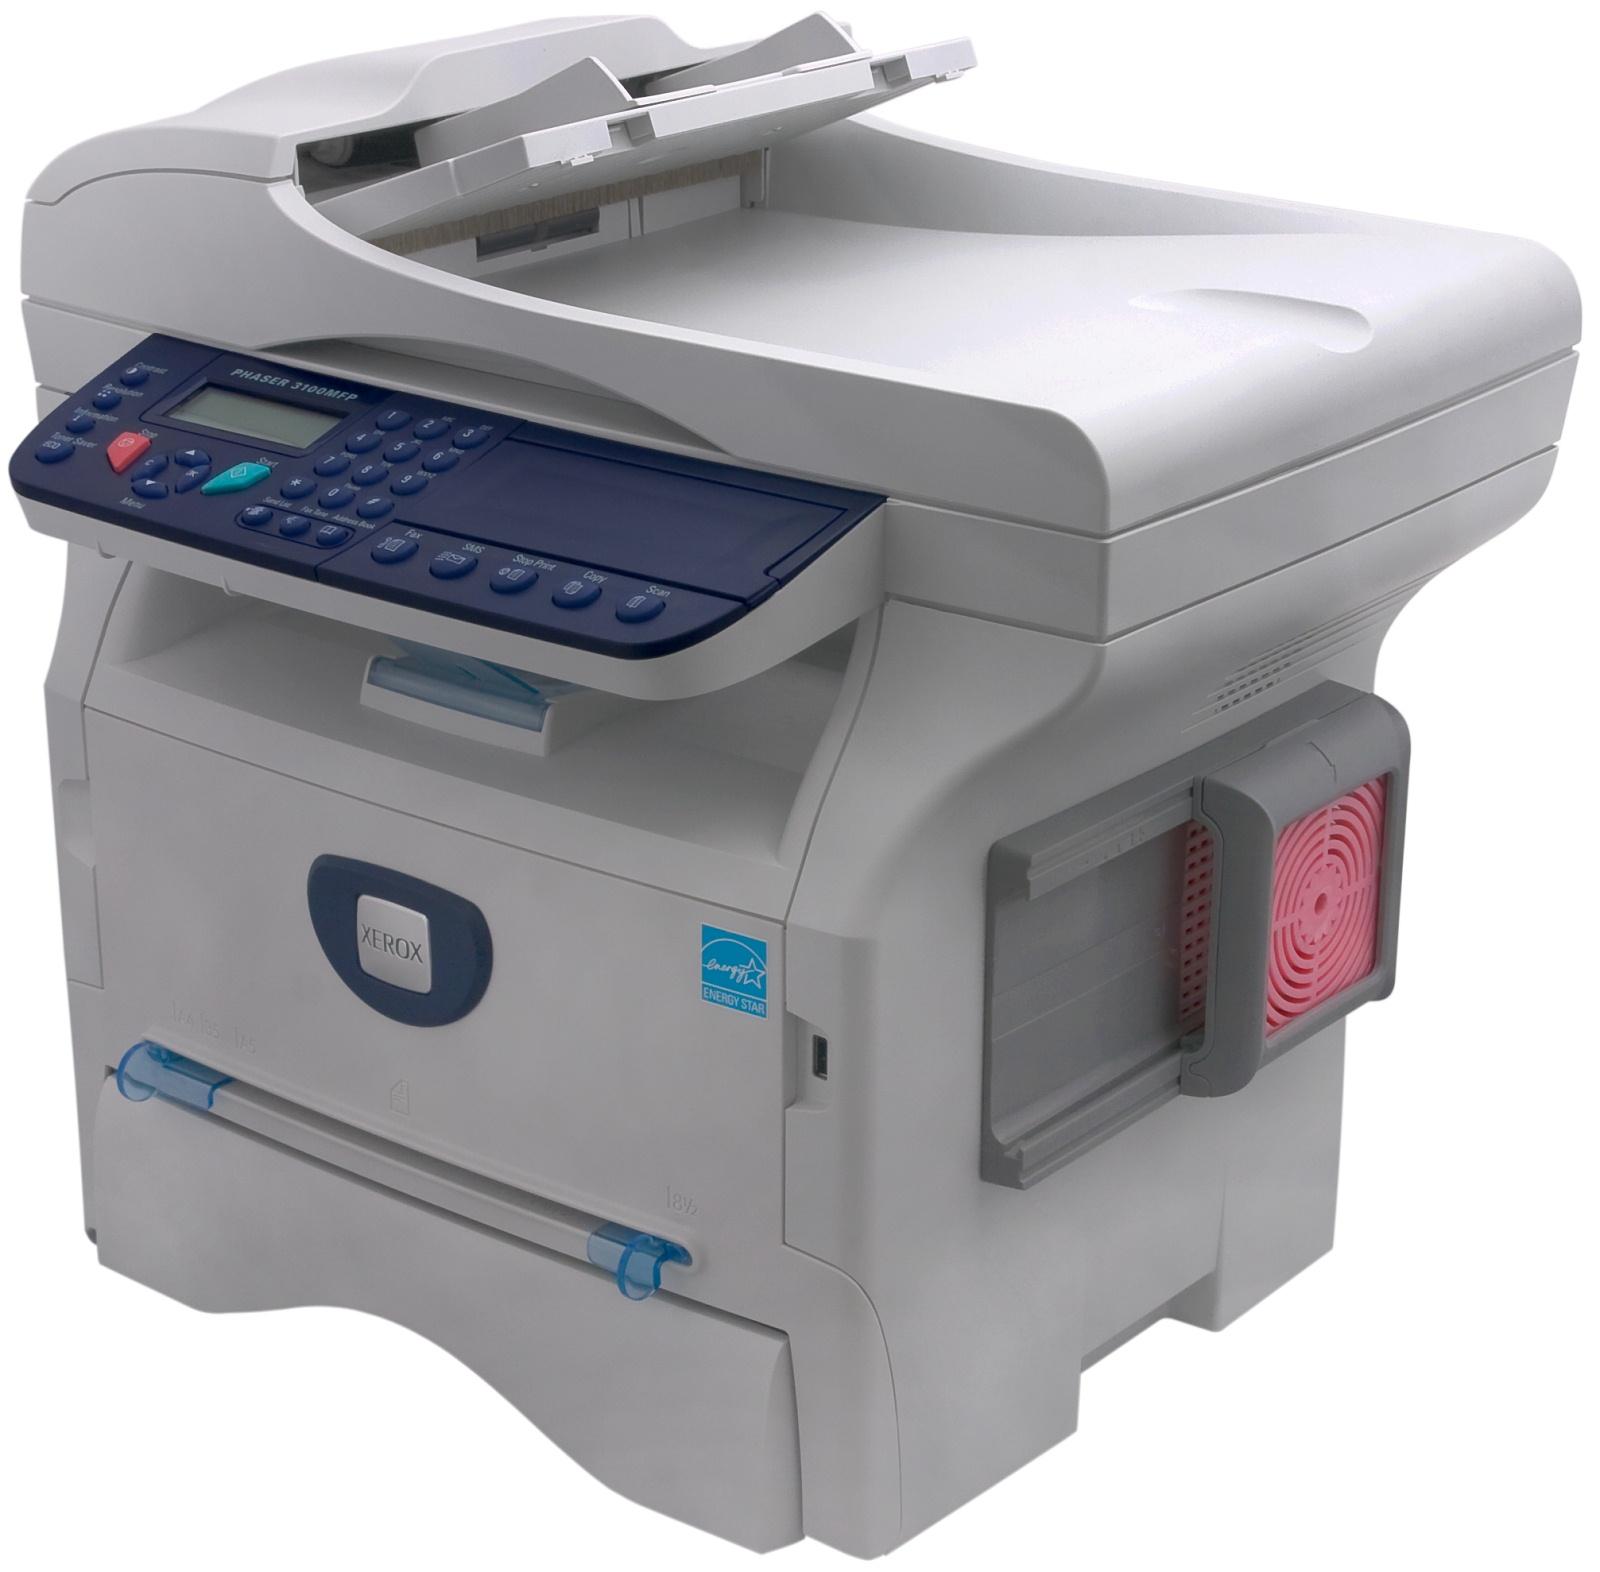 Скачать драйвер на принтер xerox 3100 mfp